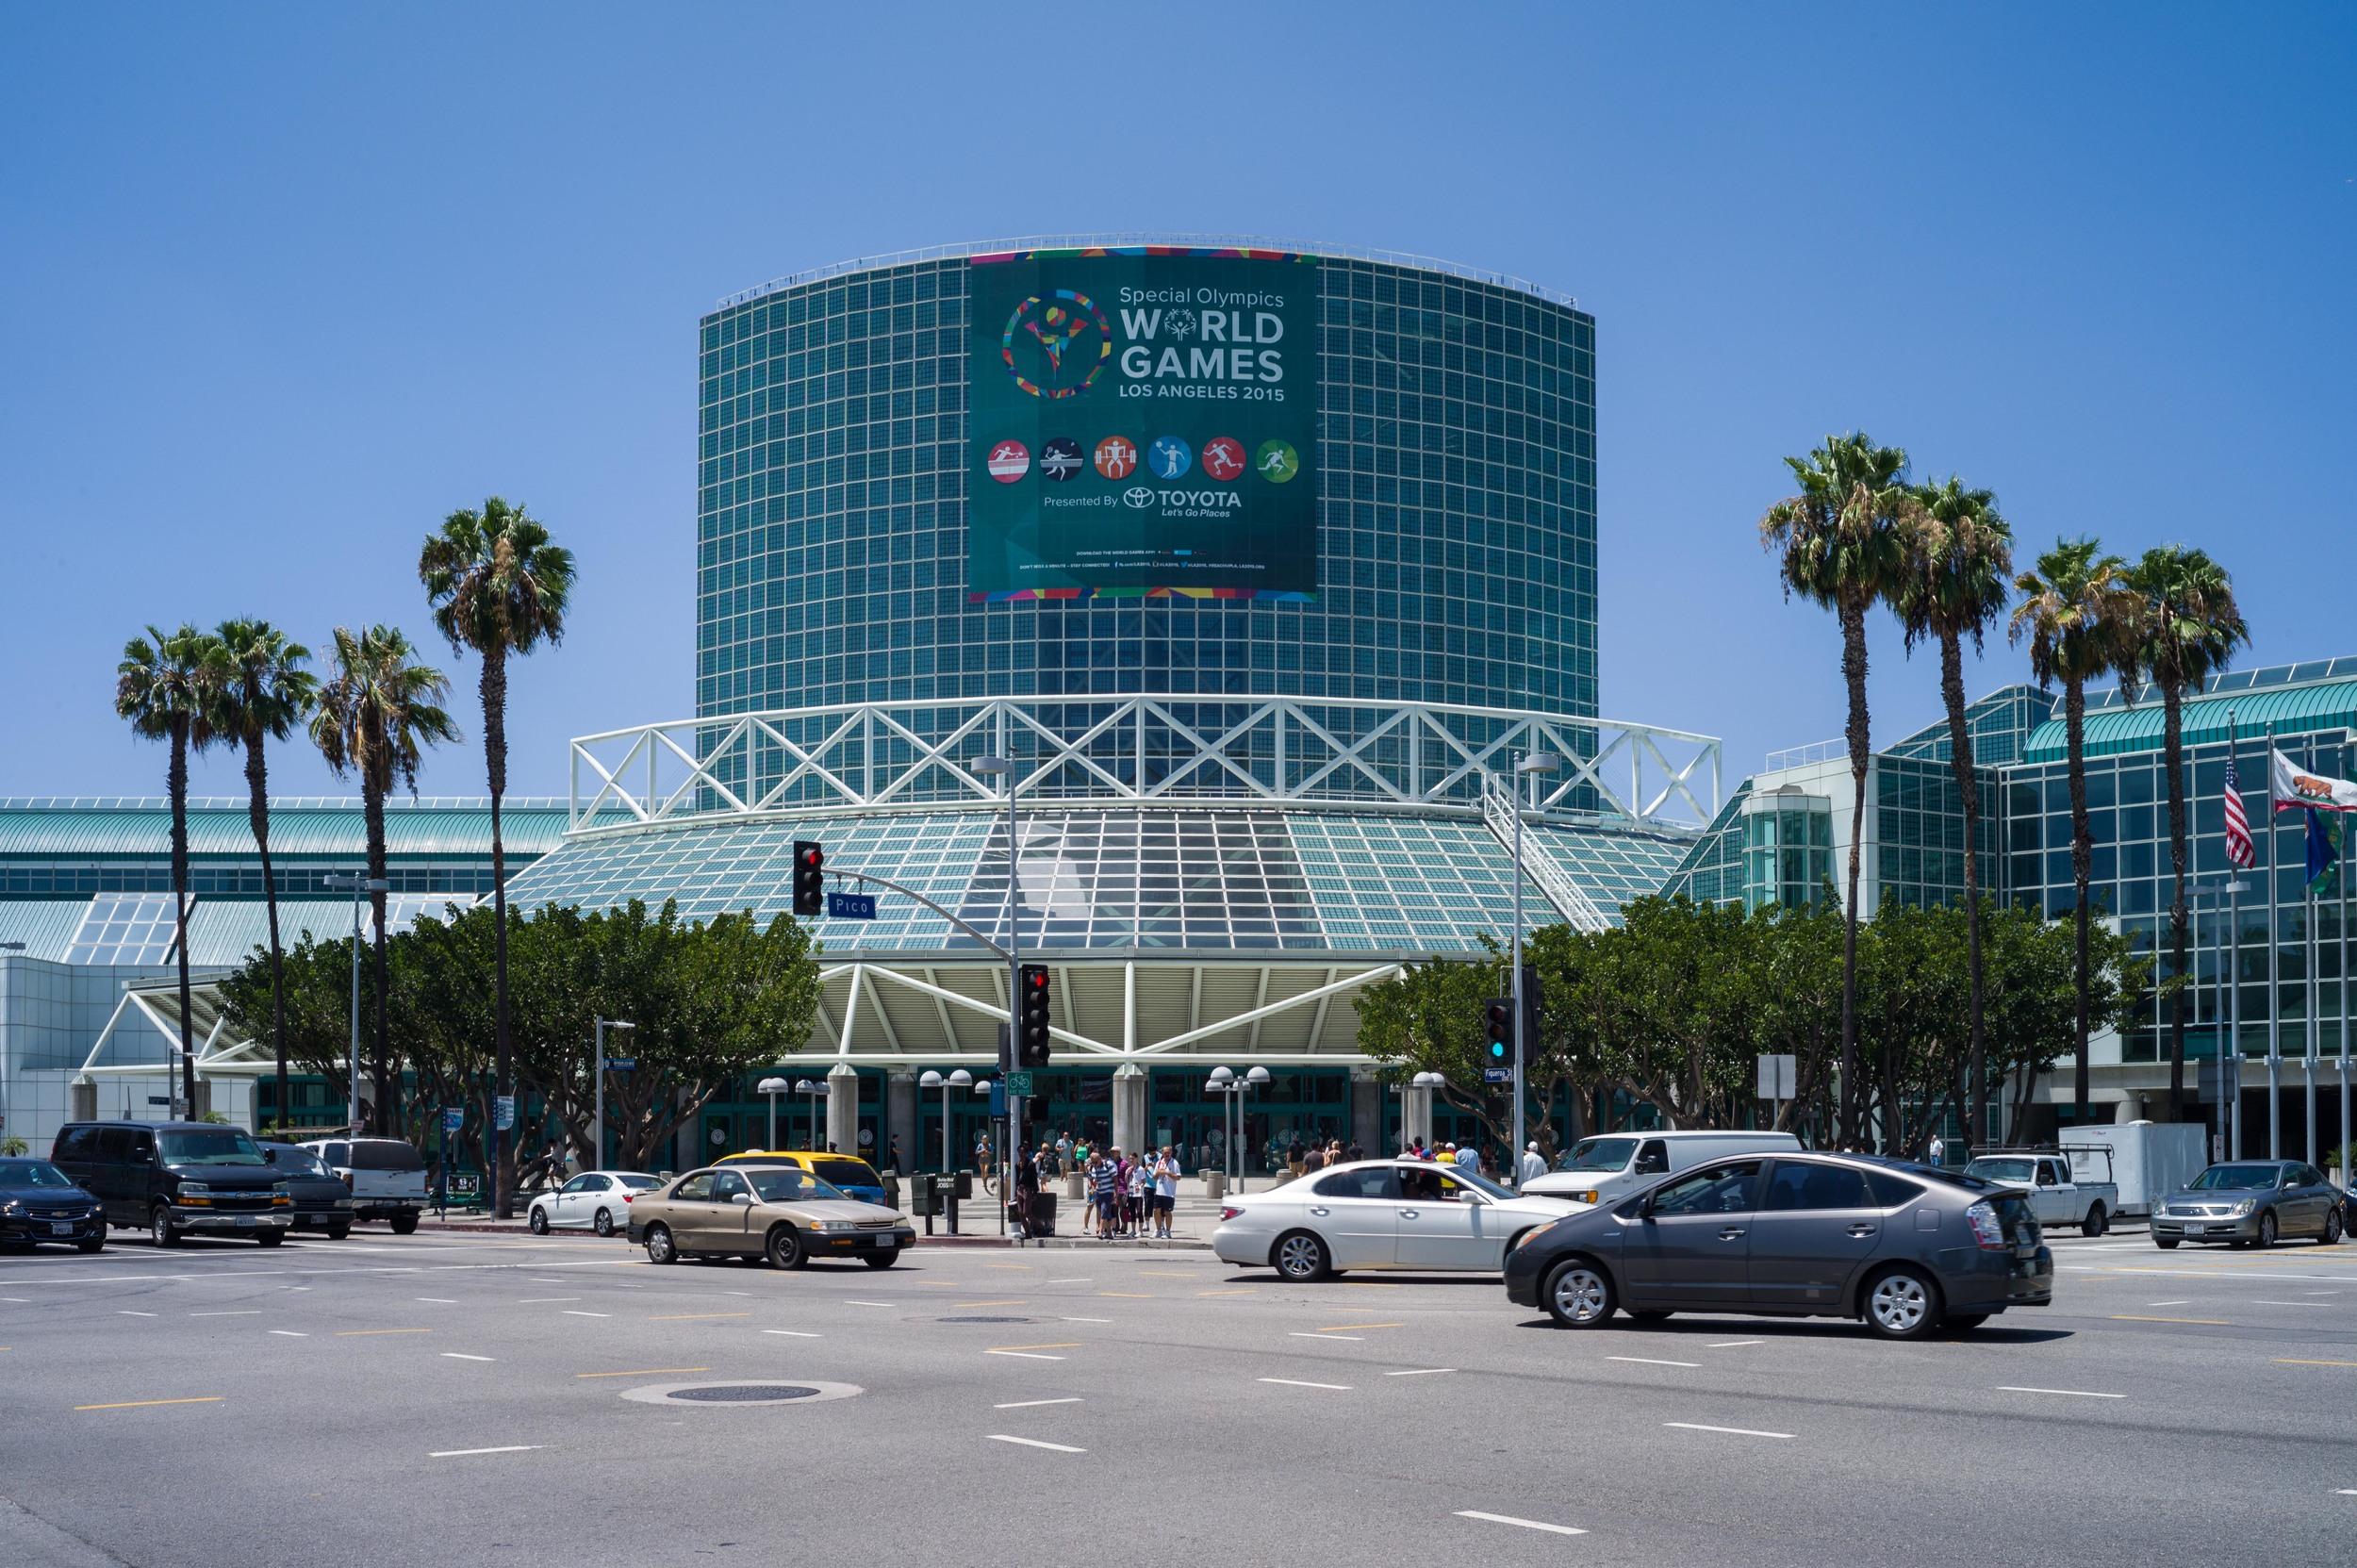 World Games come to LA